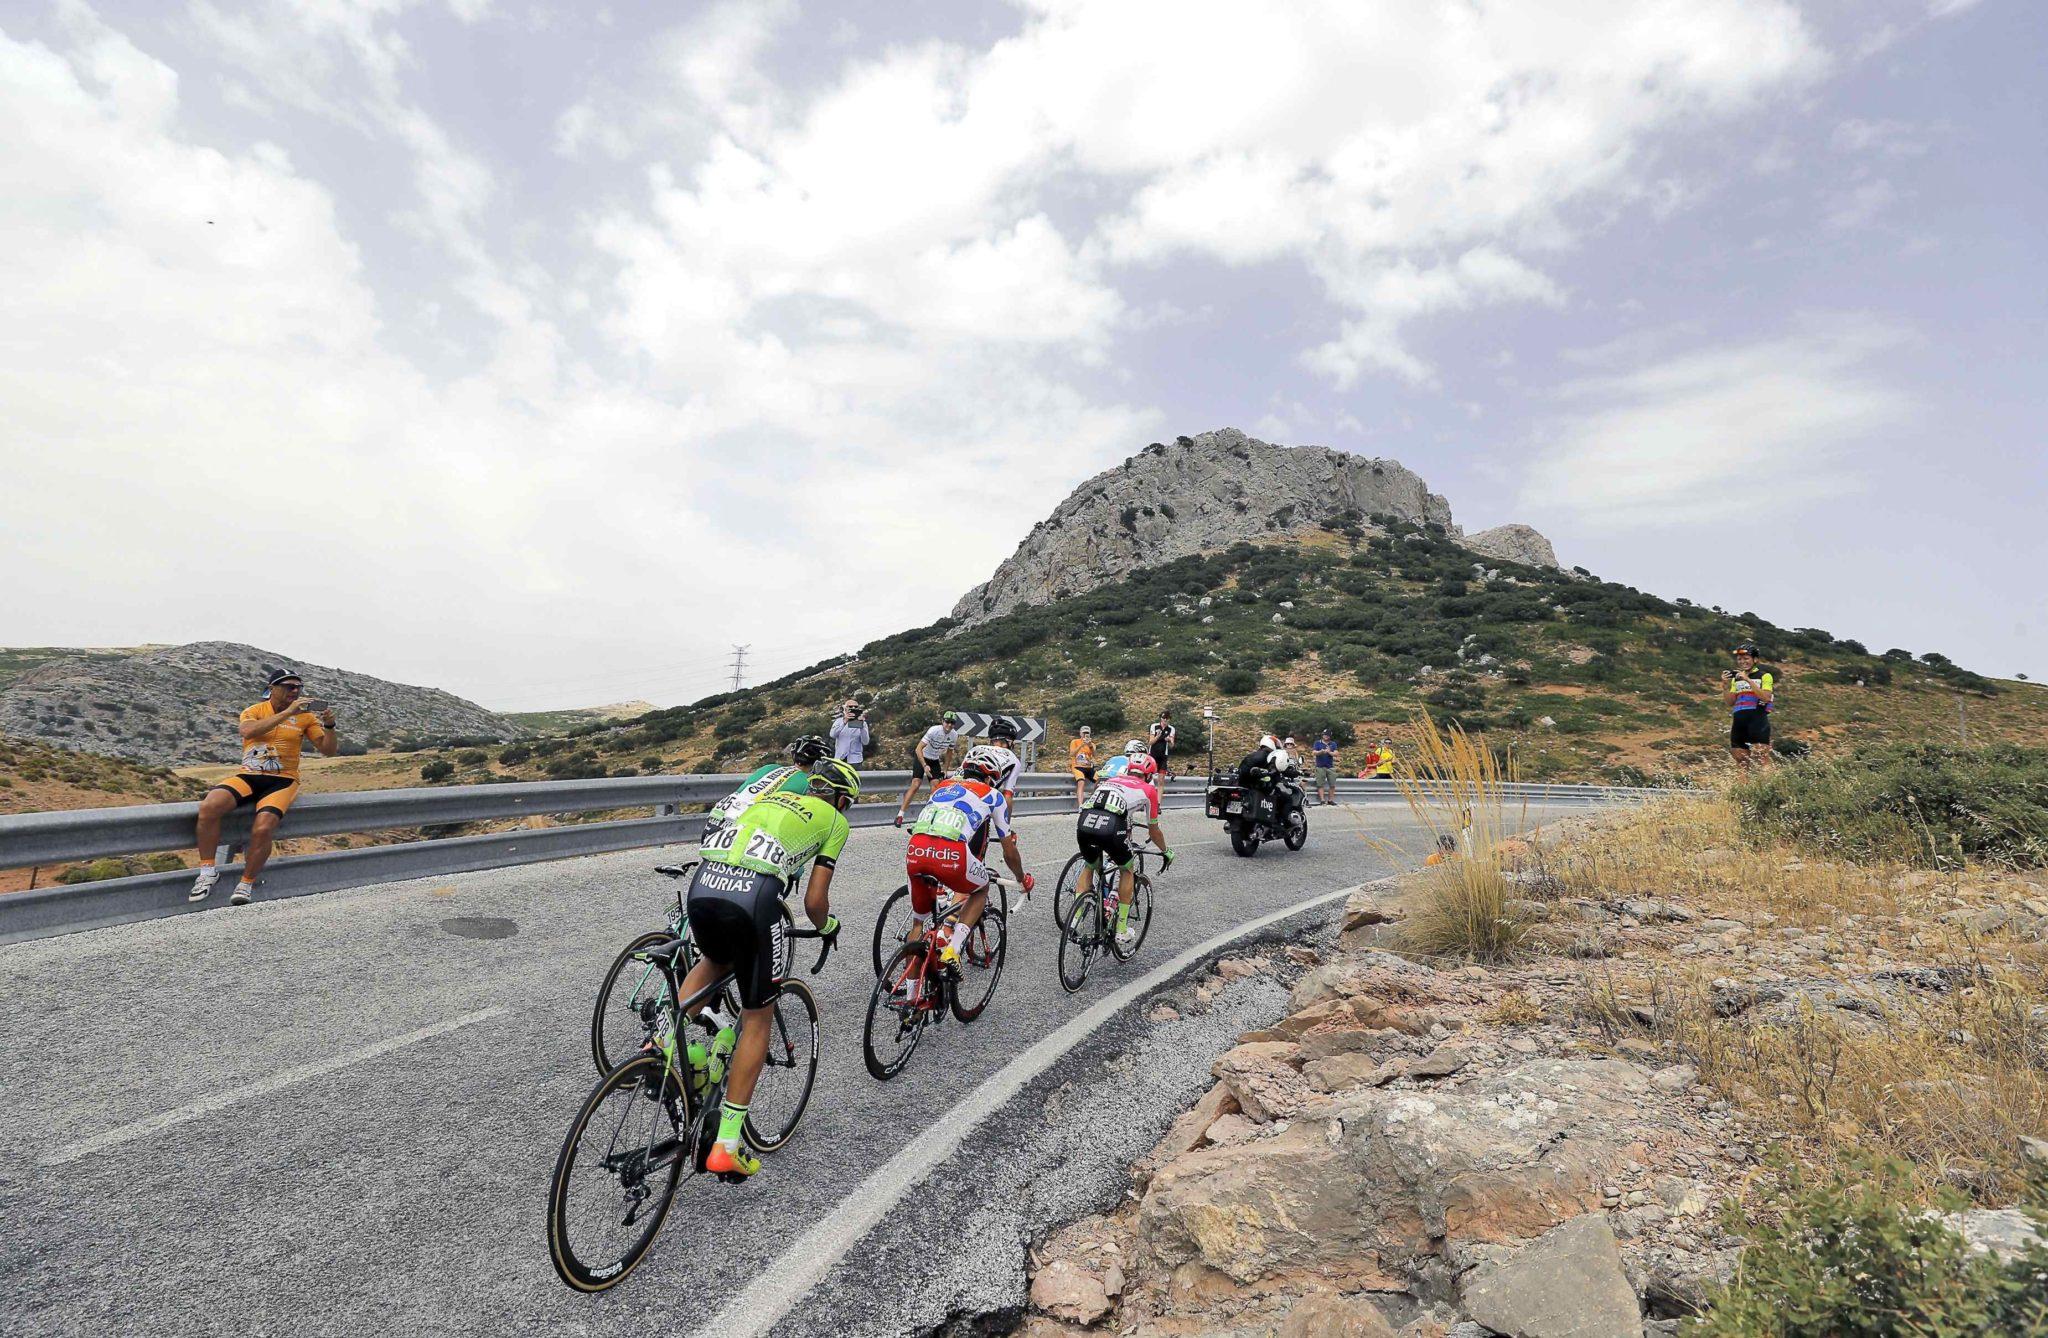 Hiszpania: zawodnicy w akcji podczas trzeciego etapu hiszpańskiego kolarstwa